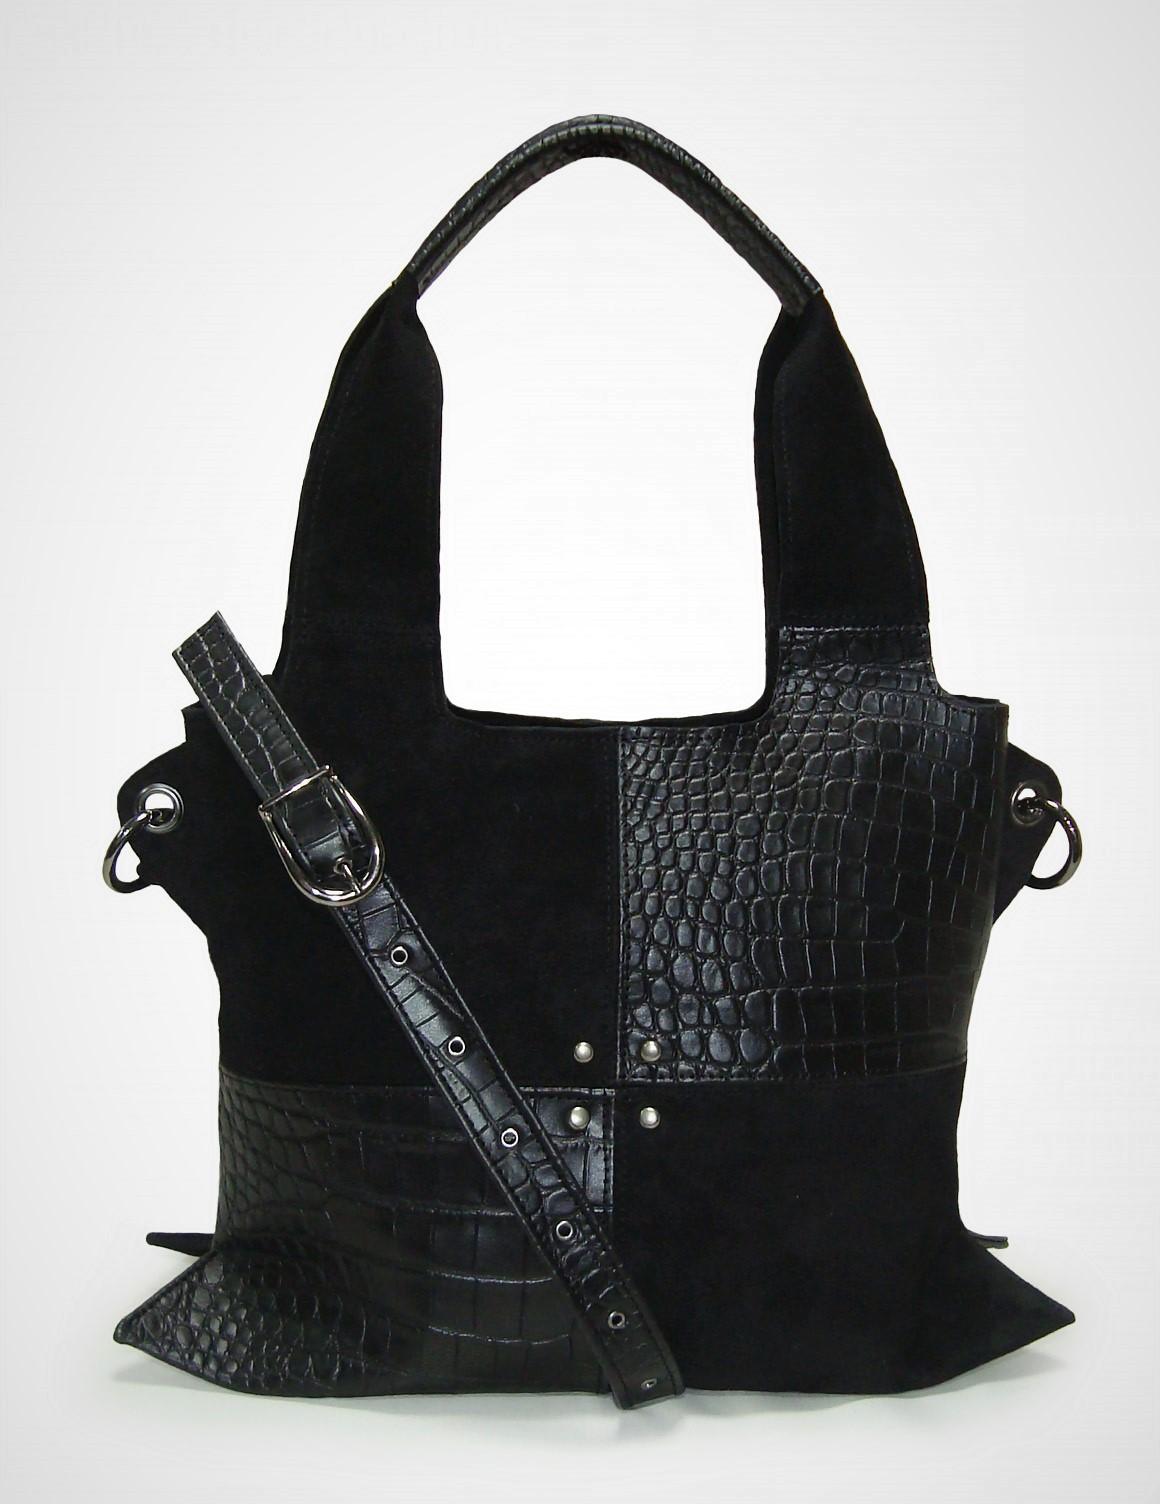 Сумка Модель № 39Сумки и др. изделия из кожи<br>Высота сумки: 29 см <br>Ширина сумки: 36 см <br>Ширина дна: 10 см <br>Длинна ручек: 56 см <br>Длинна ремня: 90-115 см<br><br>Тип: Сумка<br>Размер: -<br>Материал: Натуральная кожа